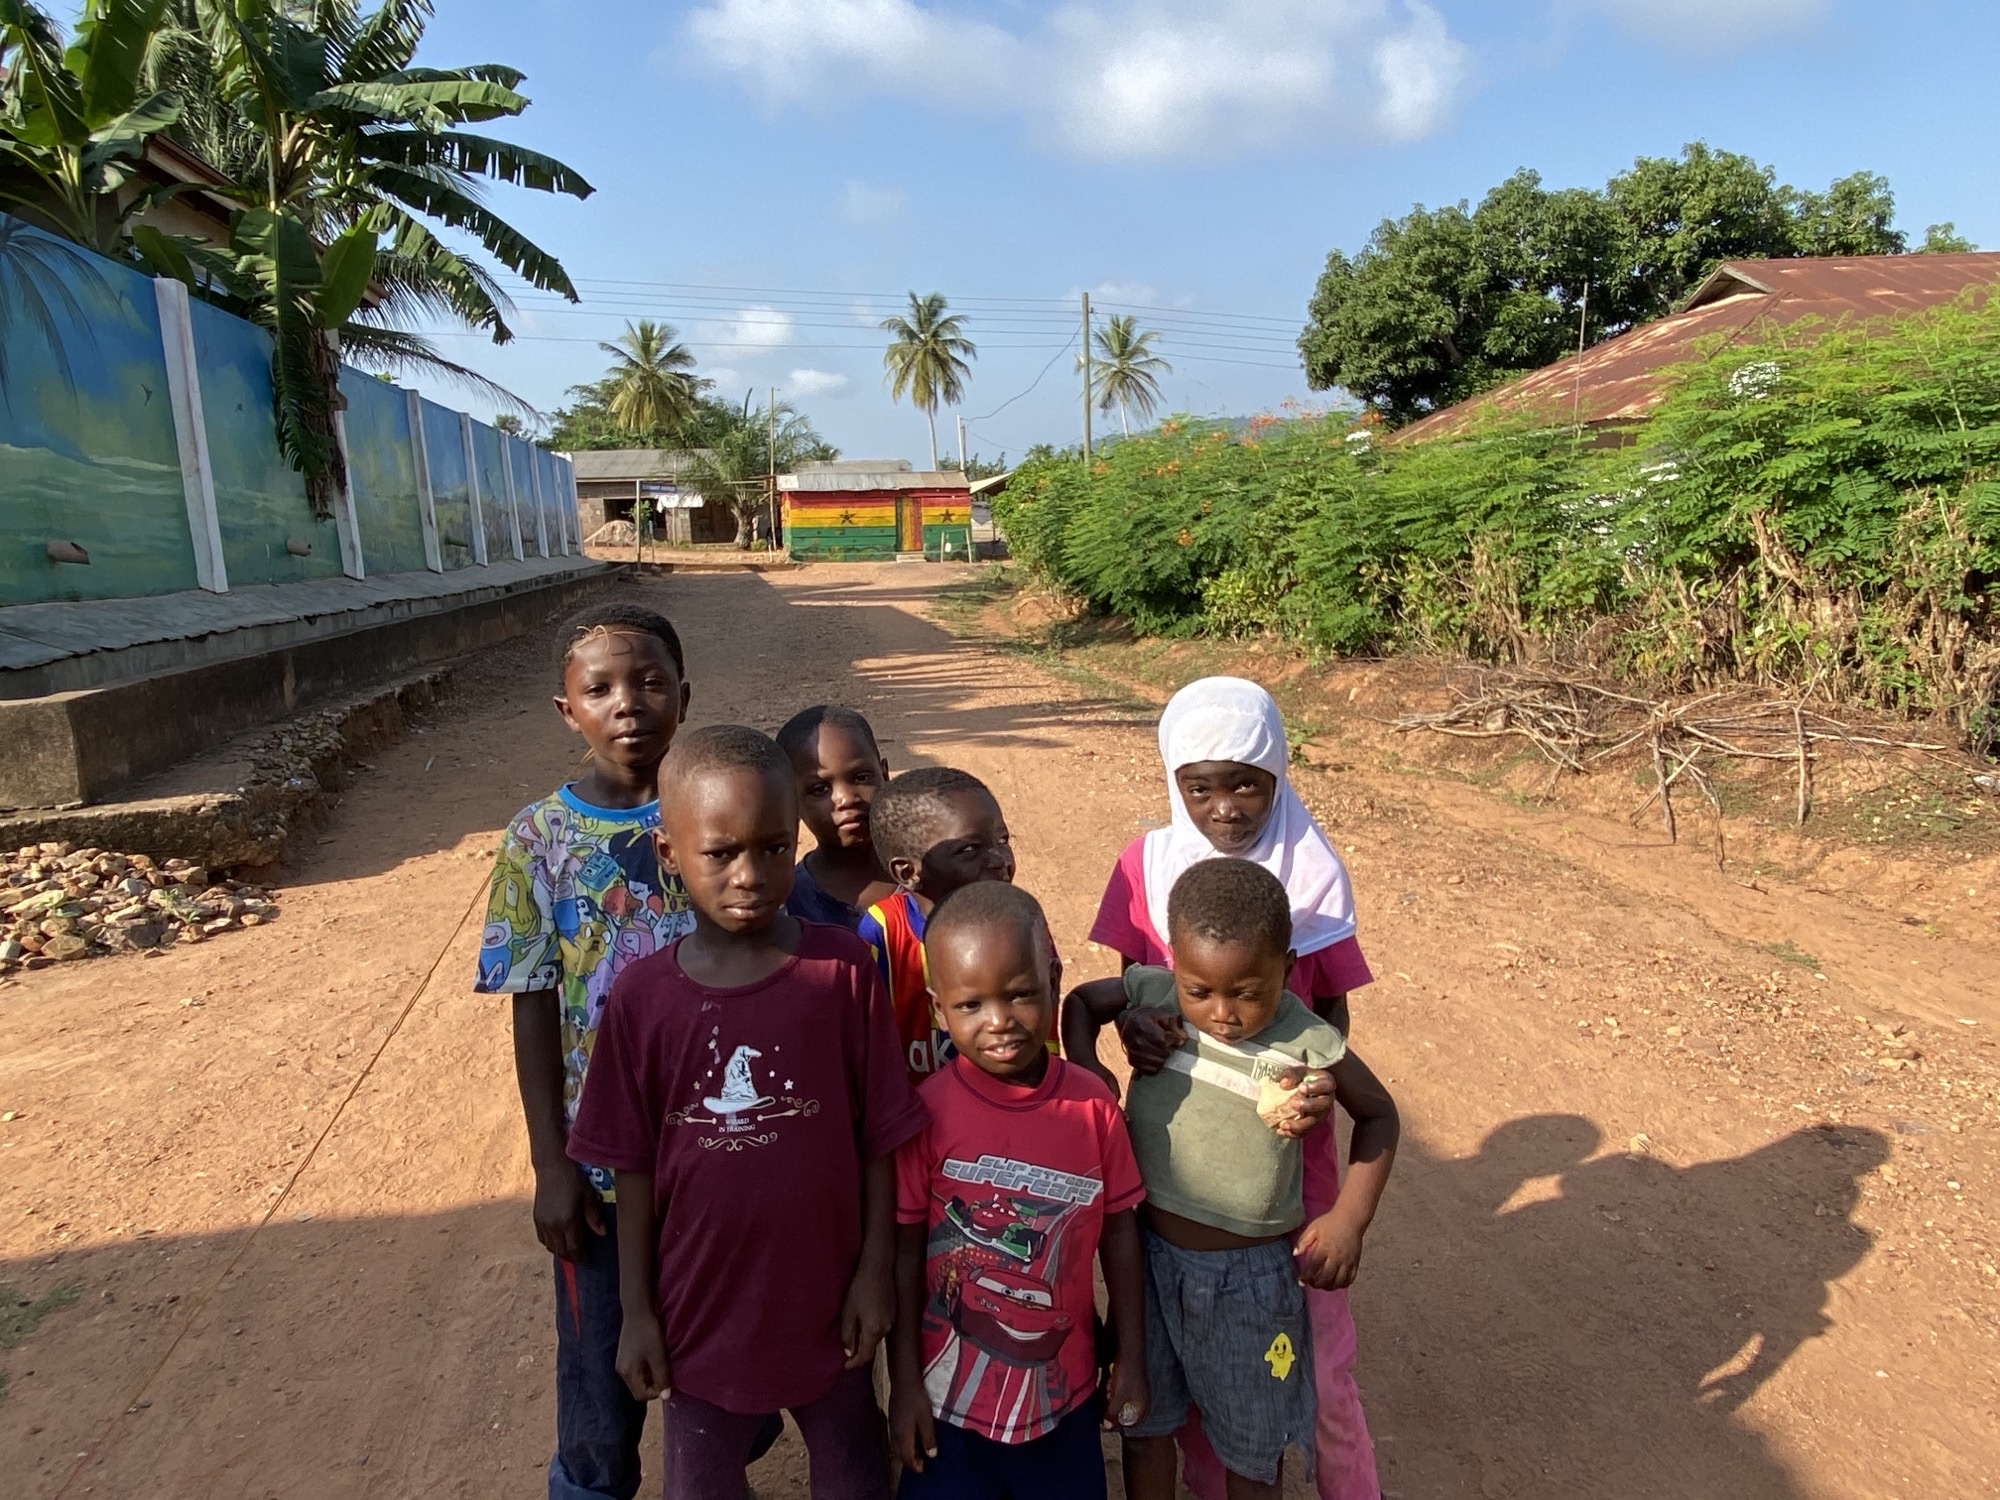 Ghana_Debbie_Colvin_01.jpeg